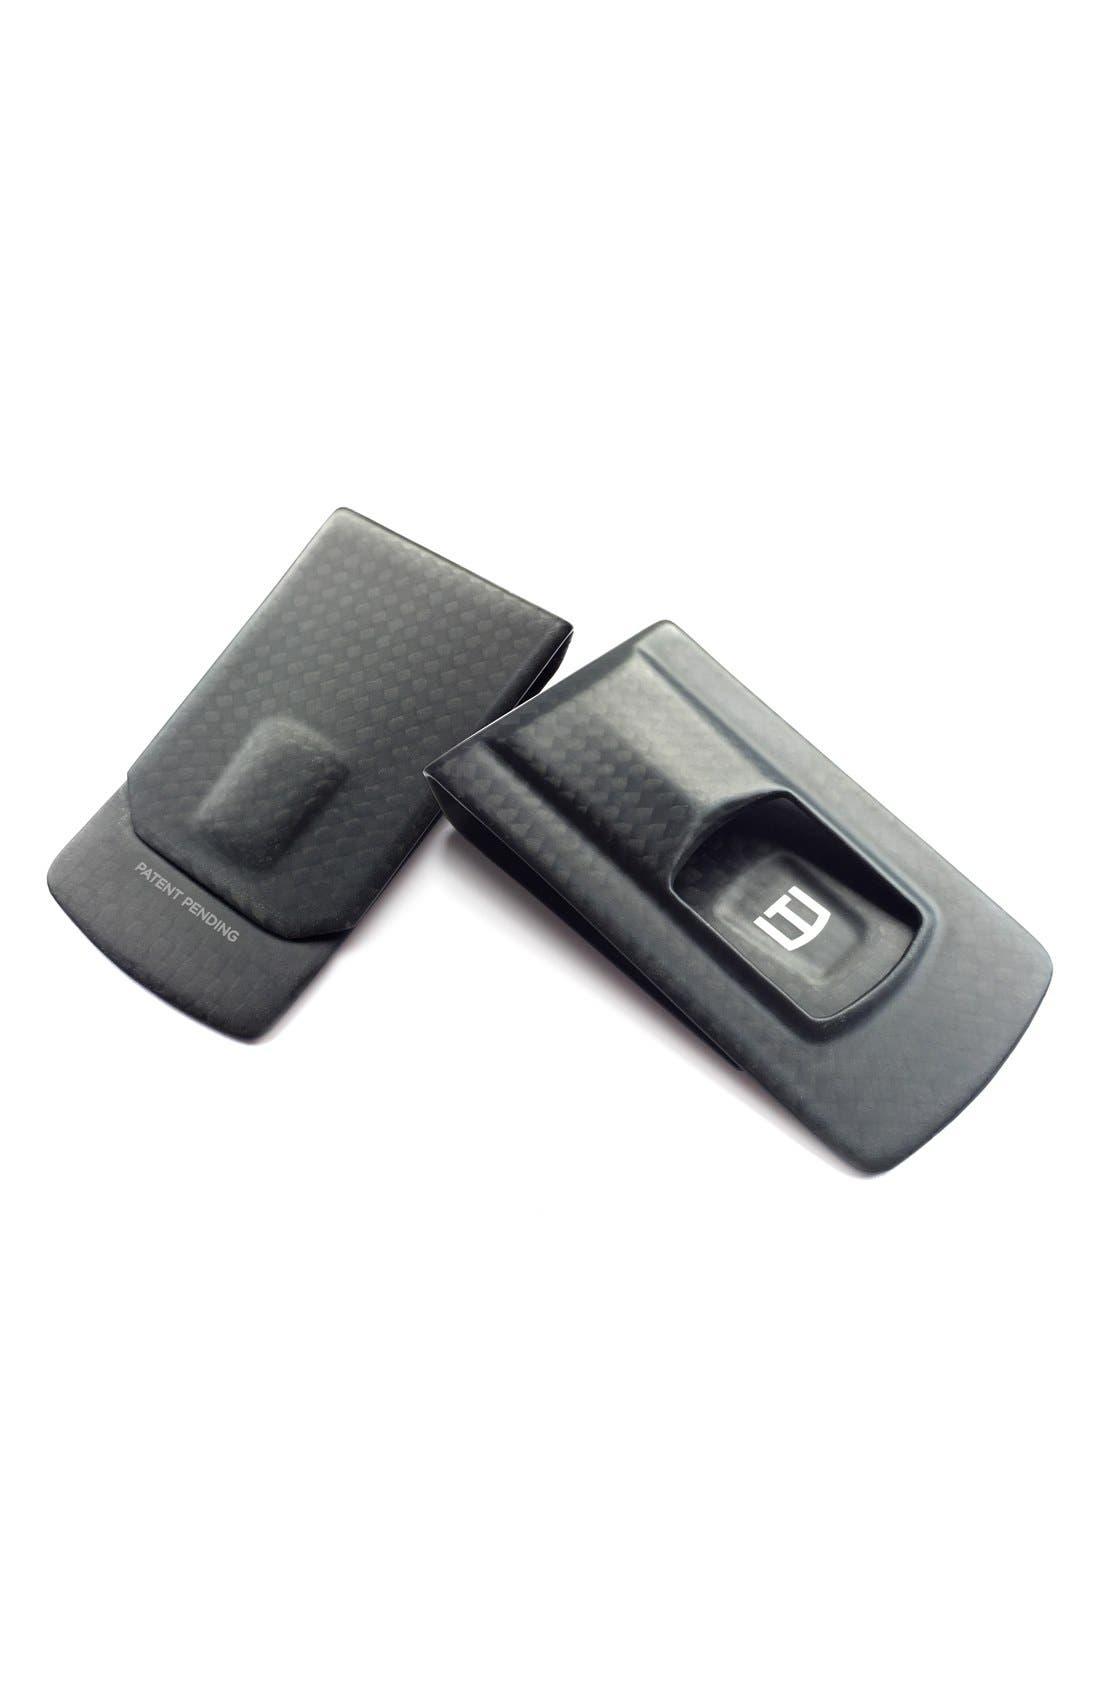 M-Clip® Carbon Fiber Money Clip